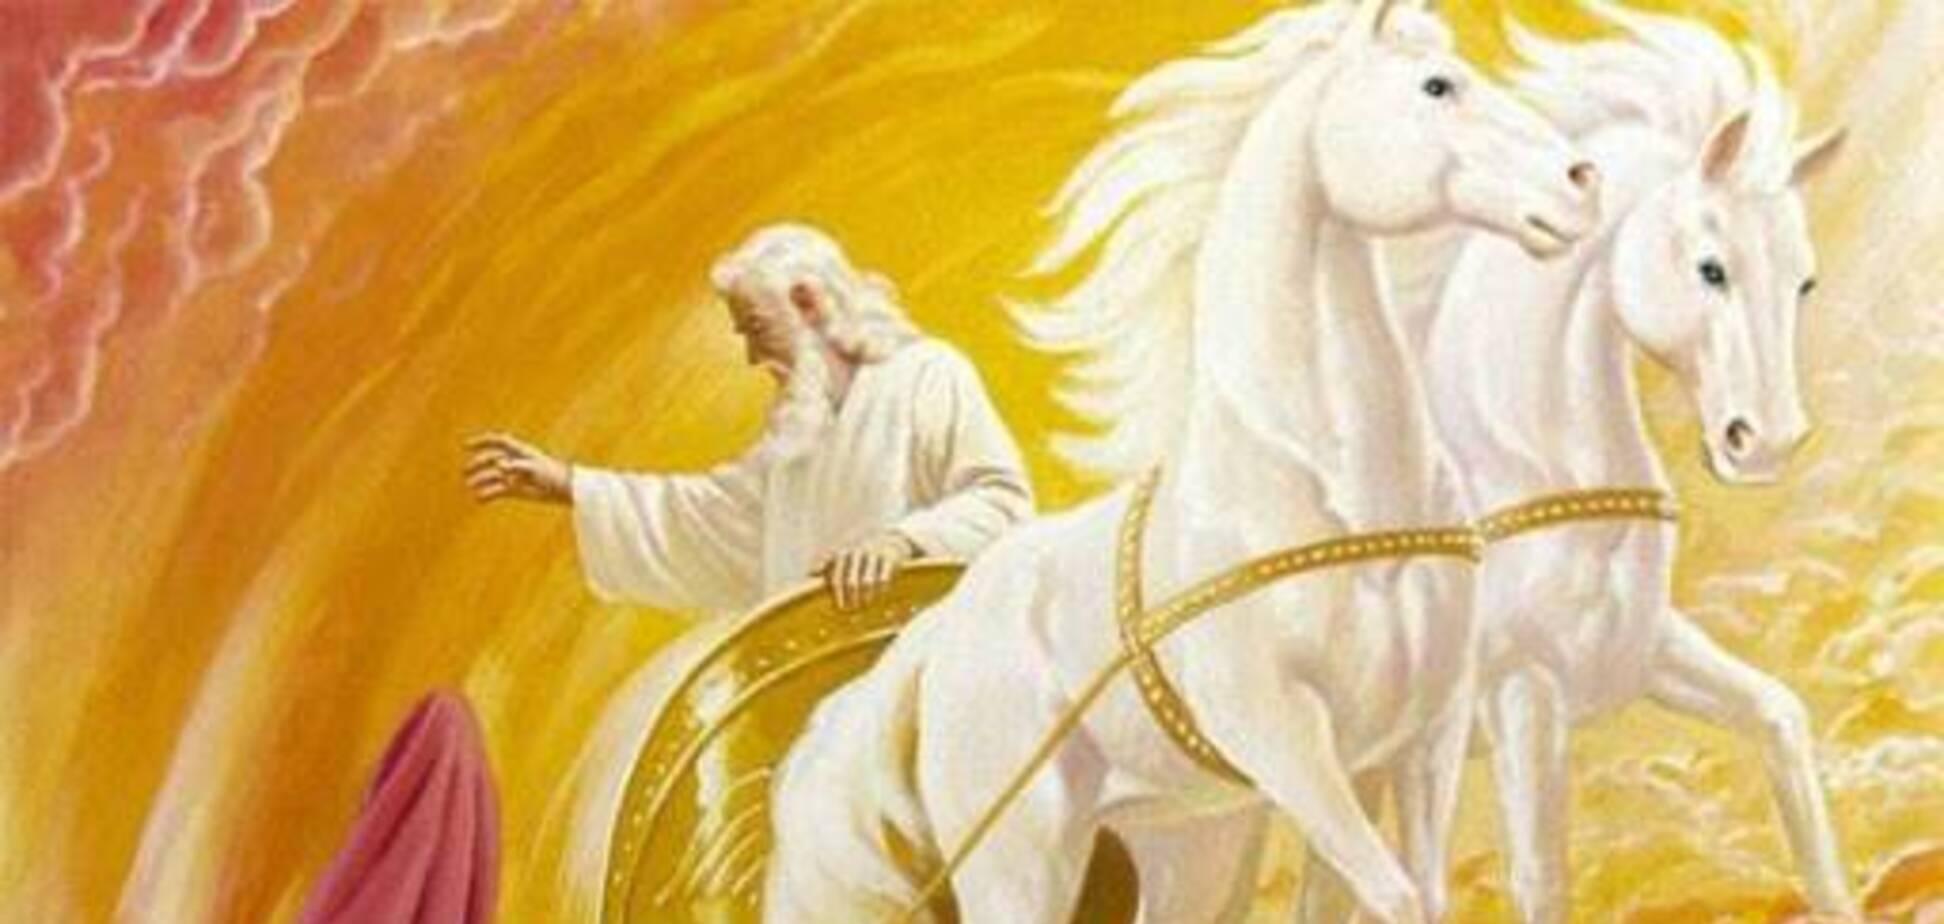 Считается, что святой пророк Илья вознесся на небо на огненной колеснице. Источник: Фото: tbn-ua.org